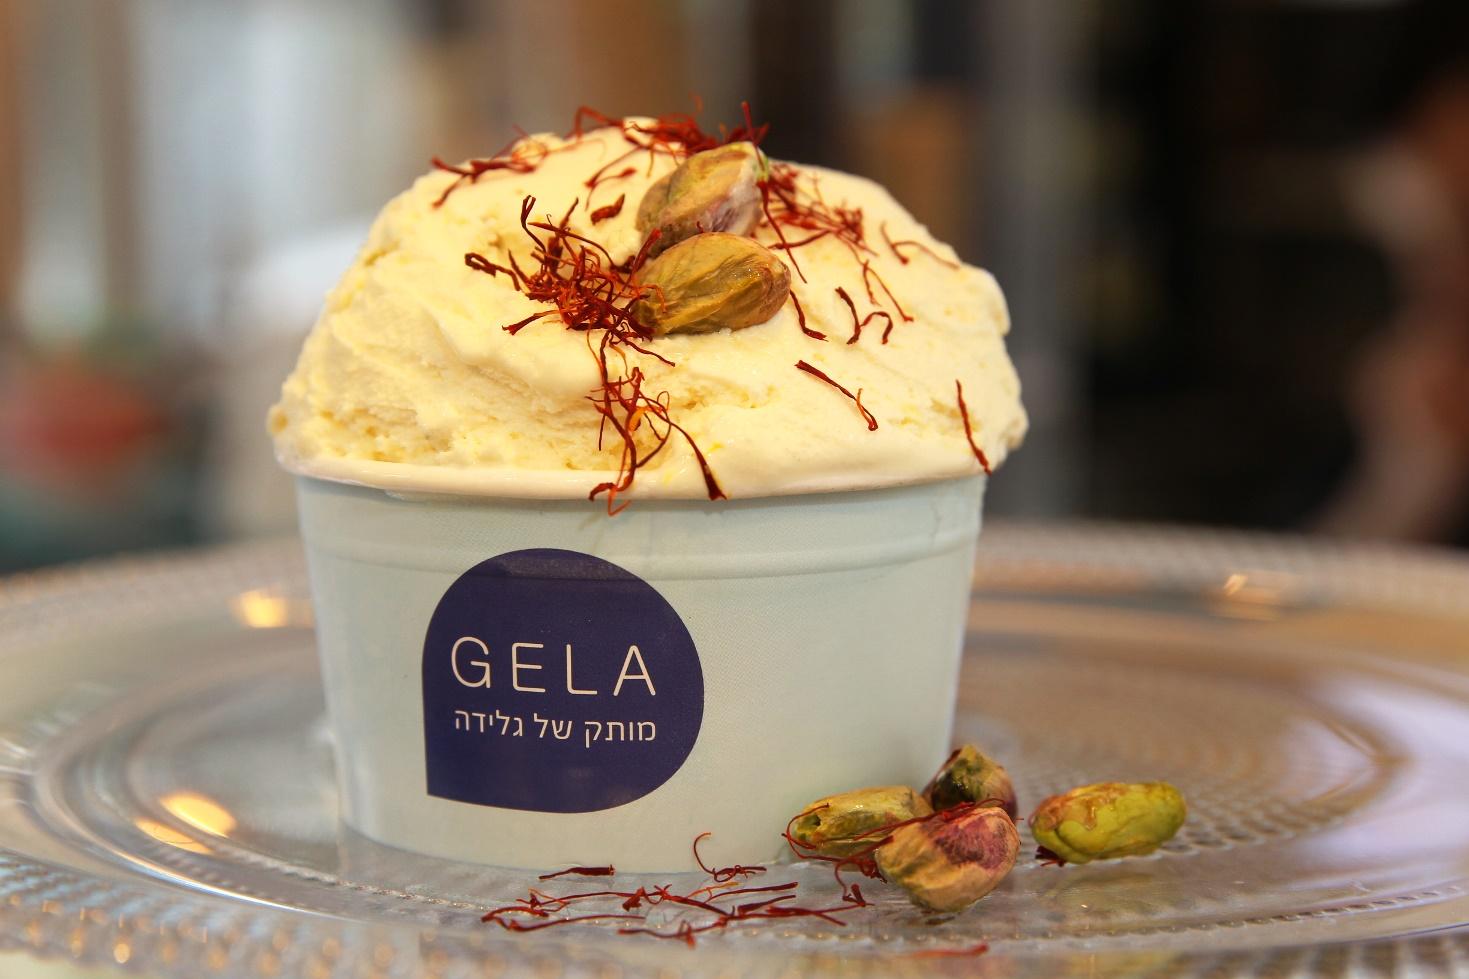 מייצרים גלידה לפי הזמנה וטעם הלקוחות. רשת ג'לה